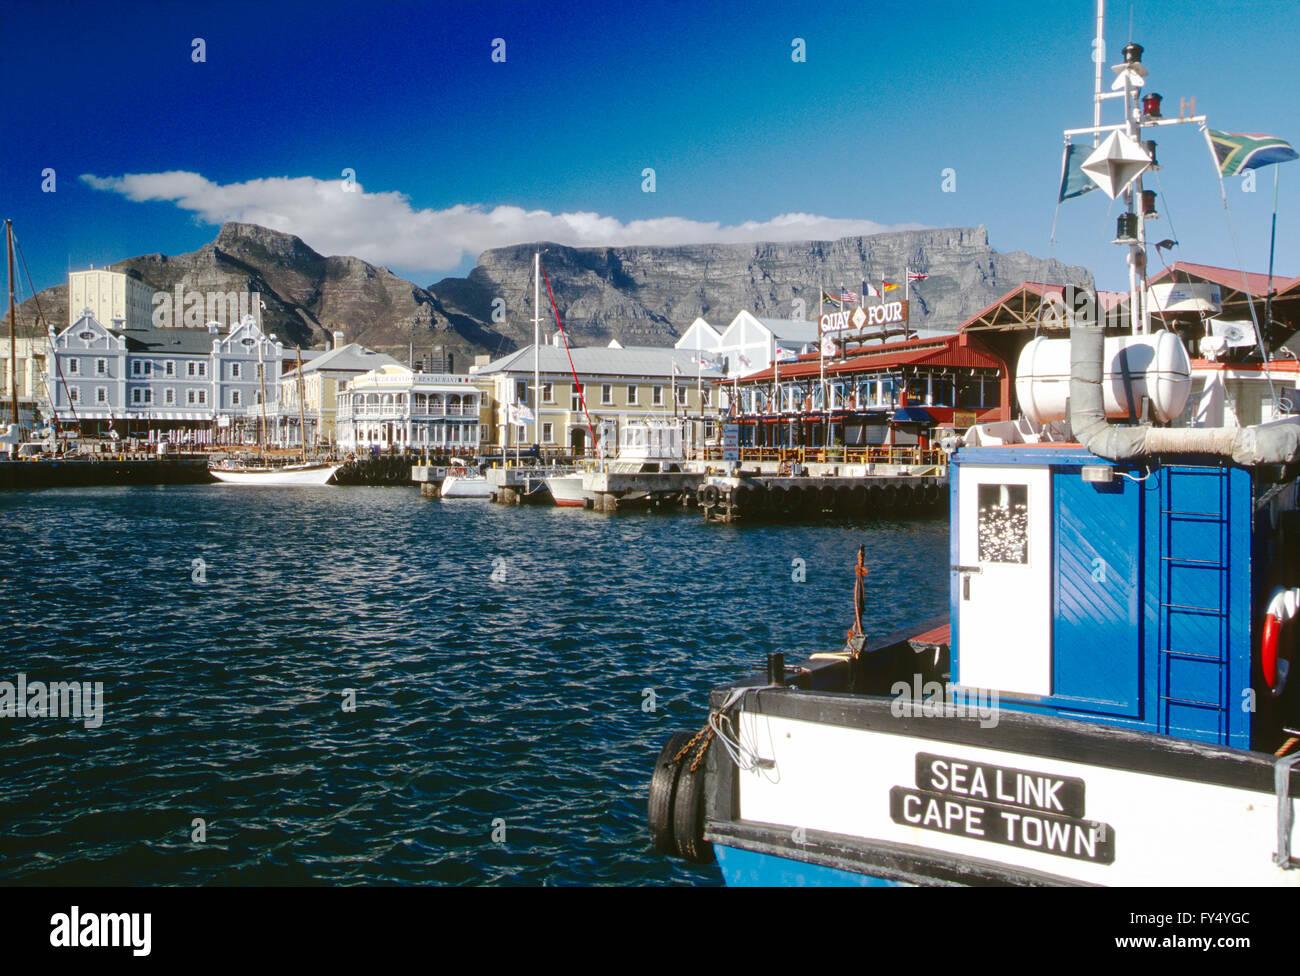 Aperçu de la ville du Cap et de port; La montagne de la table, péninsule du Cap, Afrique du Sud Photo Stock